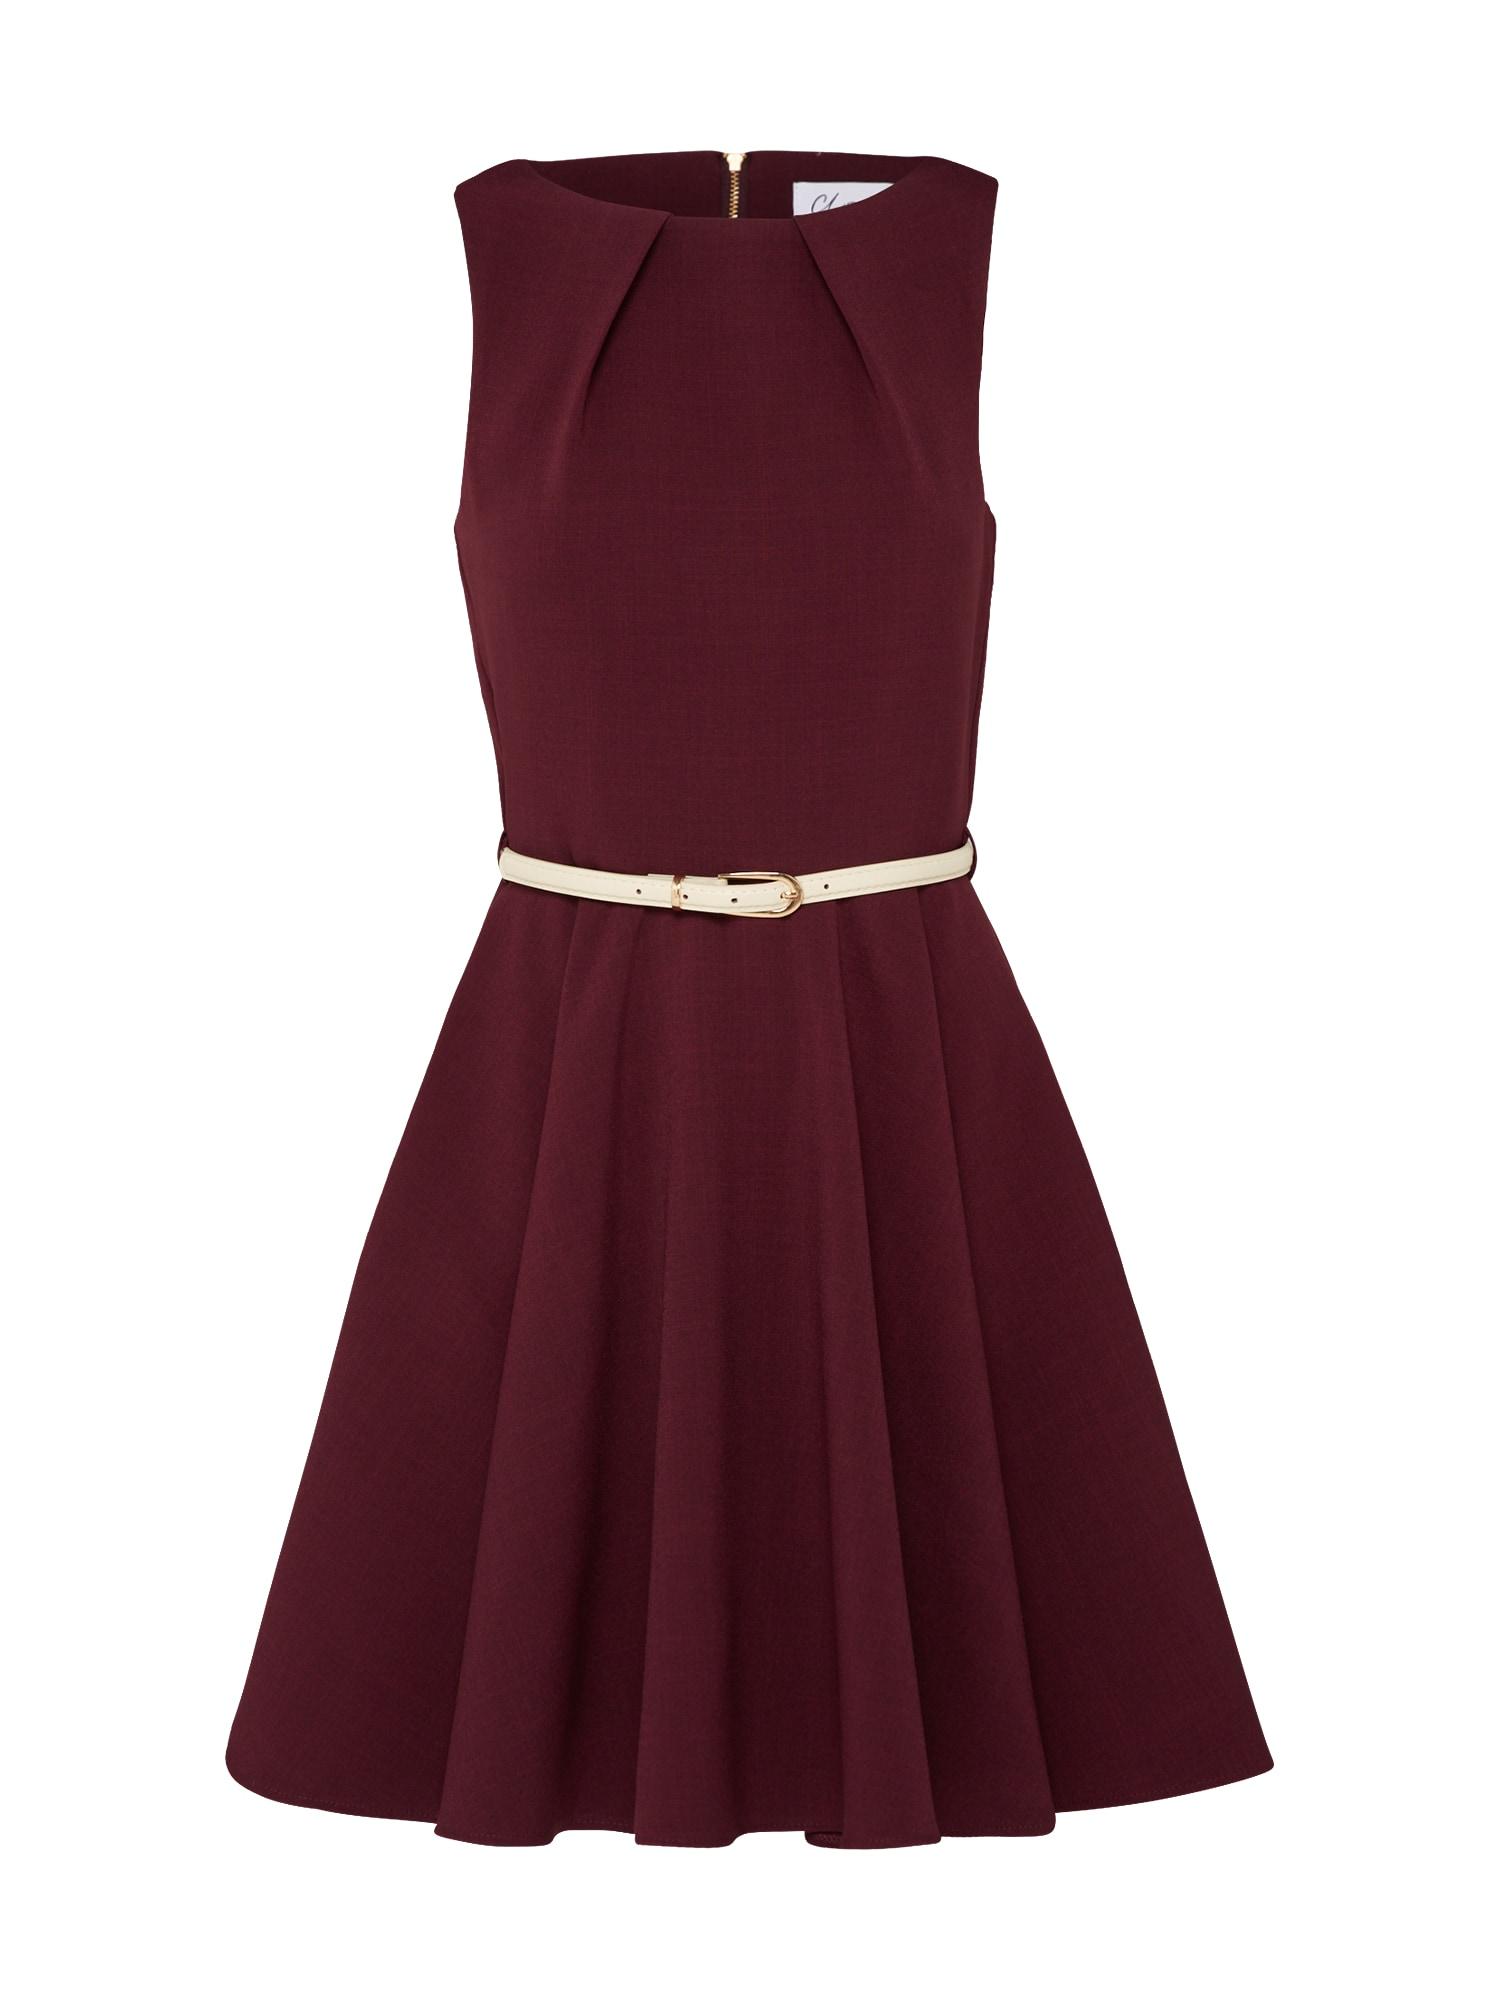 Closet London Kokteilinė suknelė kremo / vyno raudona spalva